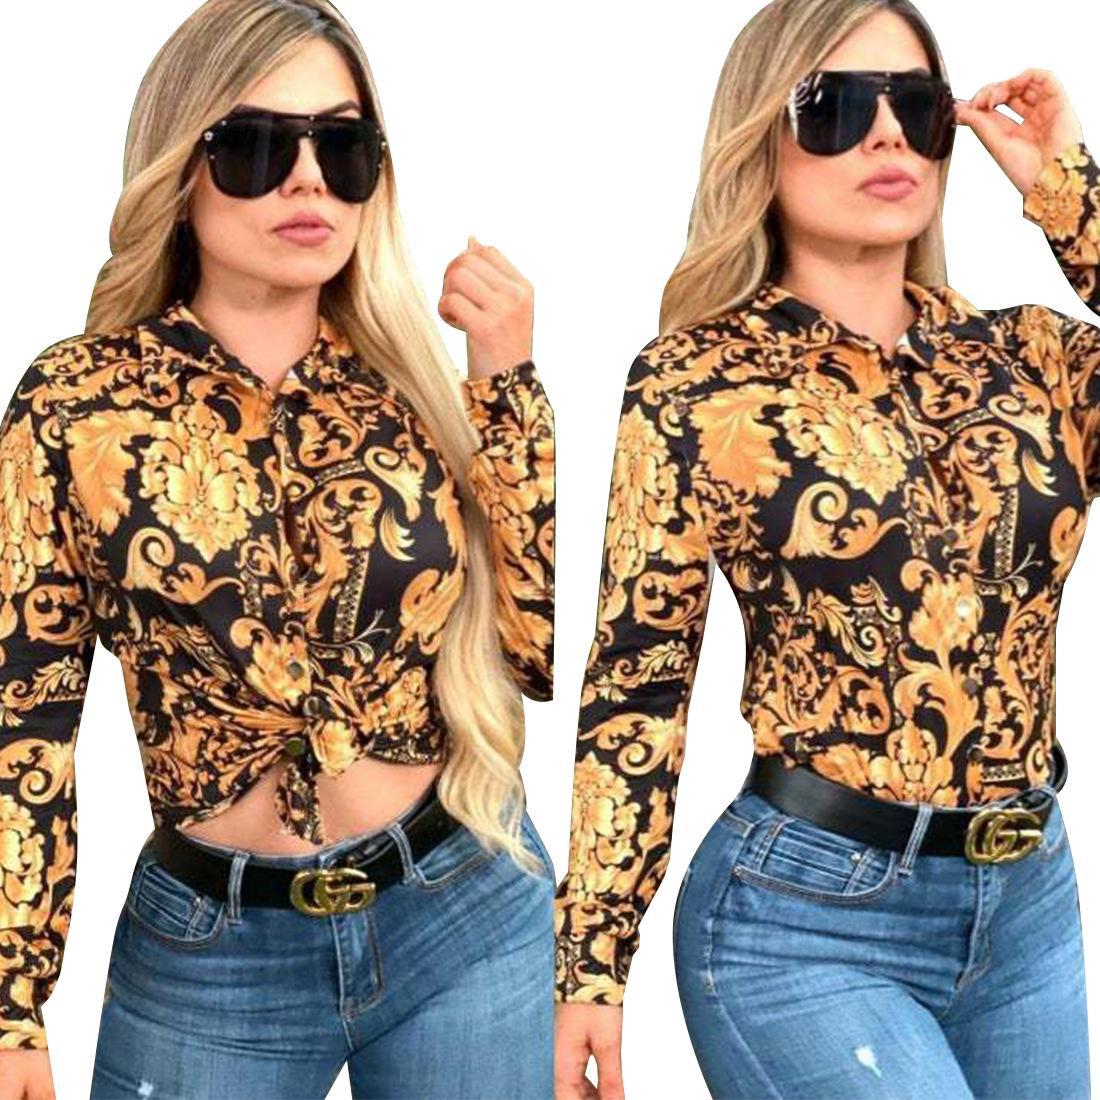 여성용 블라우스 셔츠 레이디 인쇄 느슨한 숙 녀 셔츠 드레스 긴 소매 여성 의류 레이디 패션 드레스 S-2XL